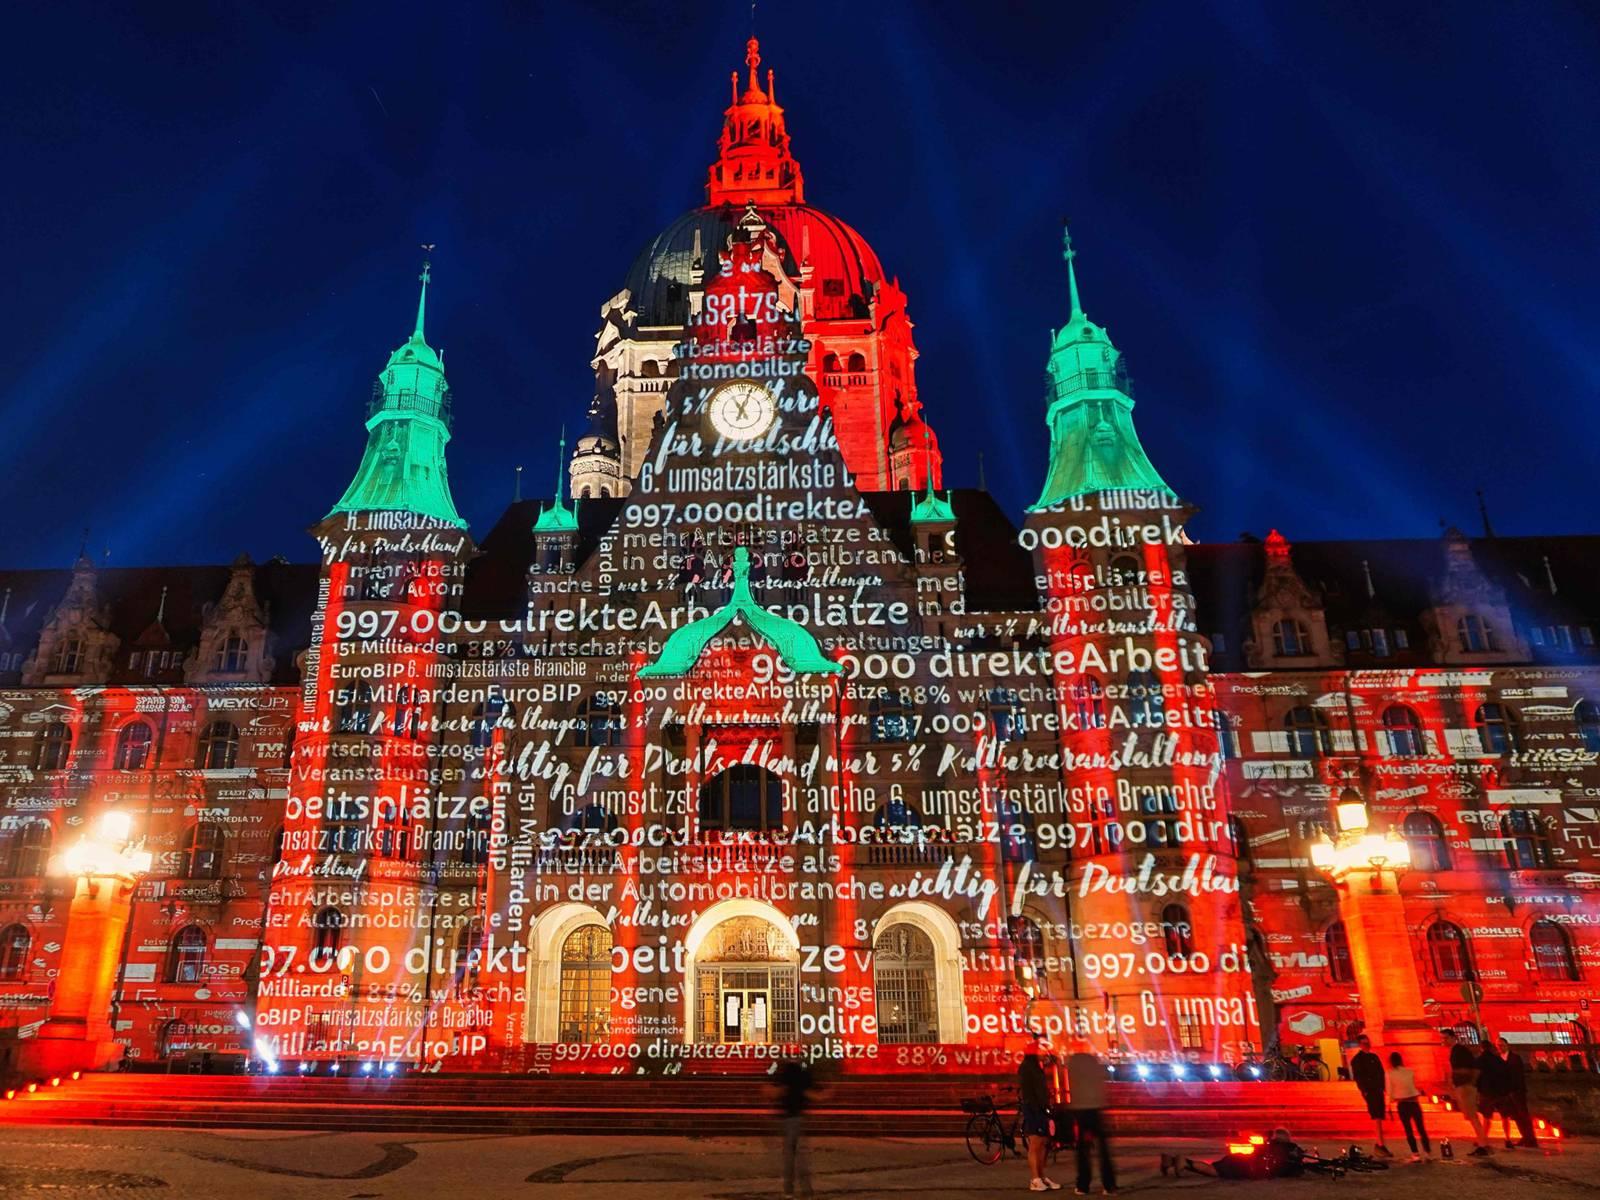 Das Neue Rathaus wird rot angestrahlt, zudem sind Begriffe und Zahlen auf die Fassade projiziert